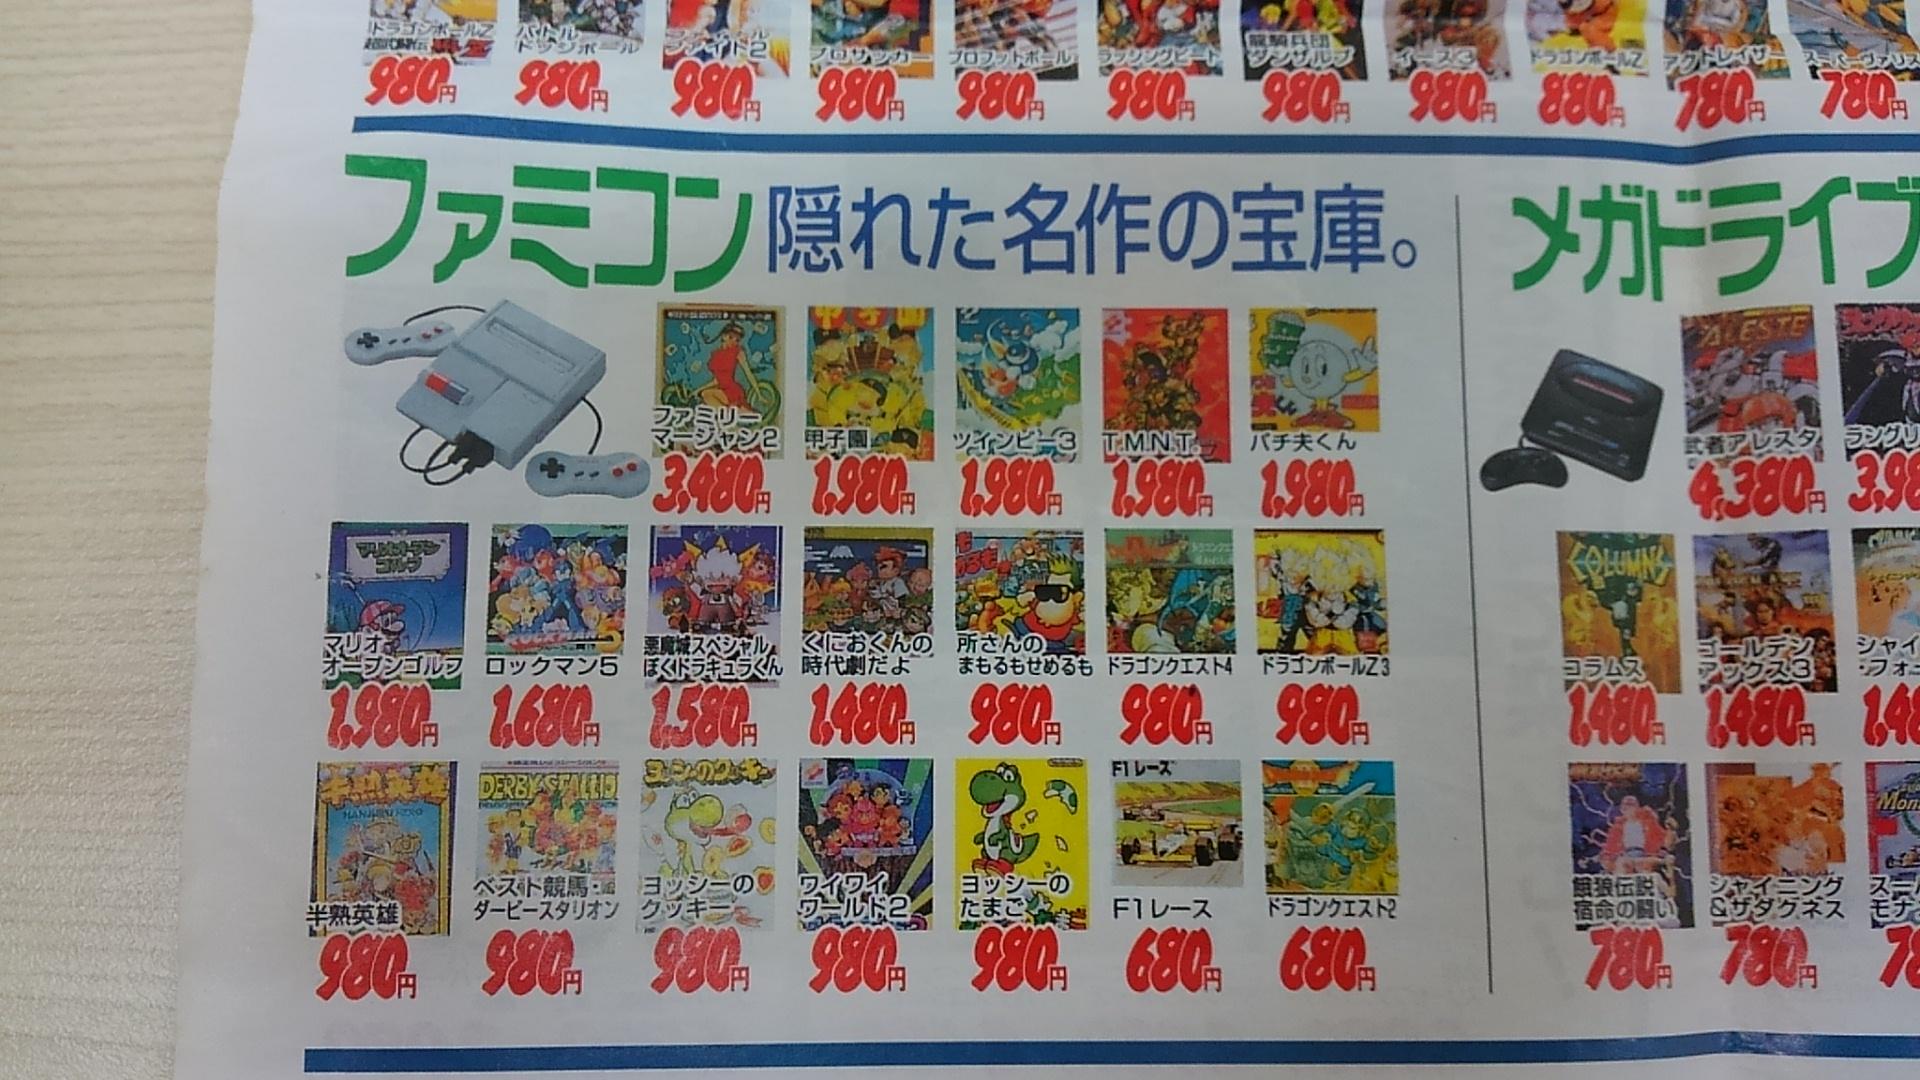 rinkaku kamekura12 - 超特価980円、ゲームの大安売りってなくなったよね